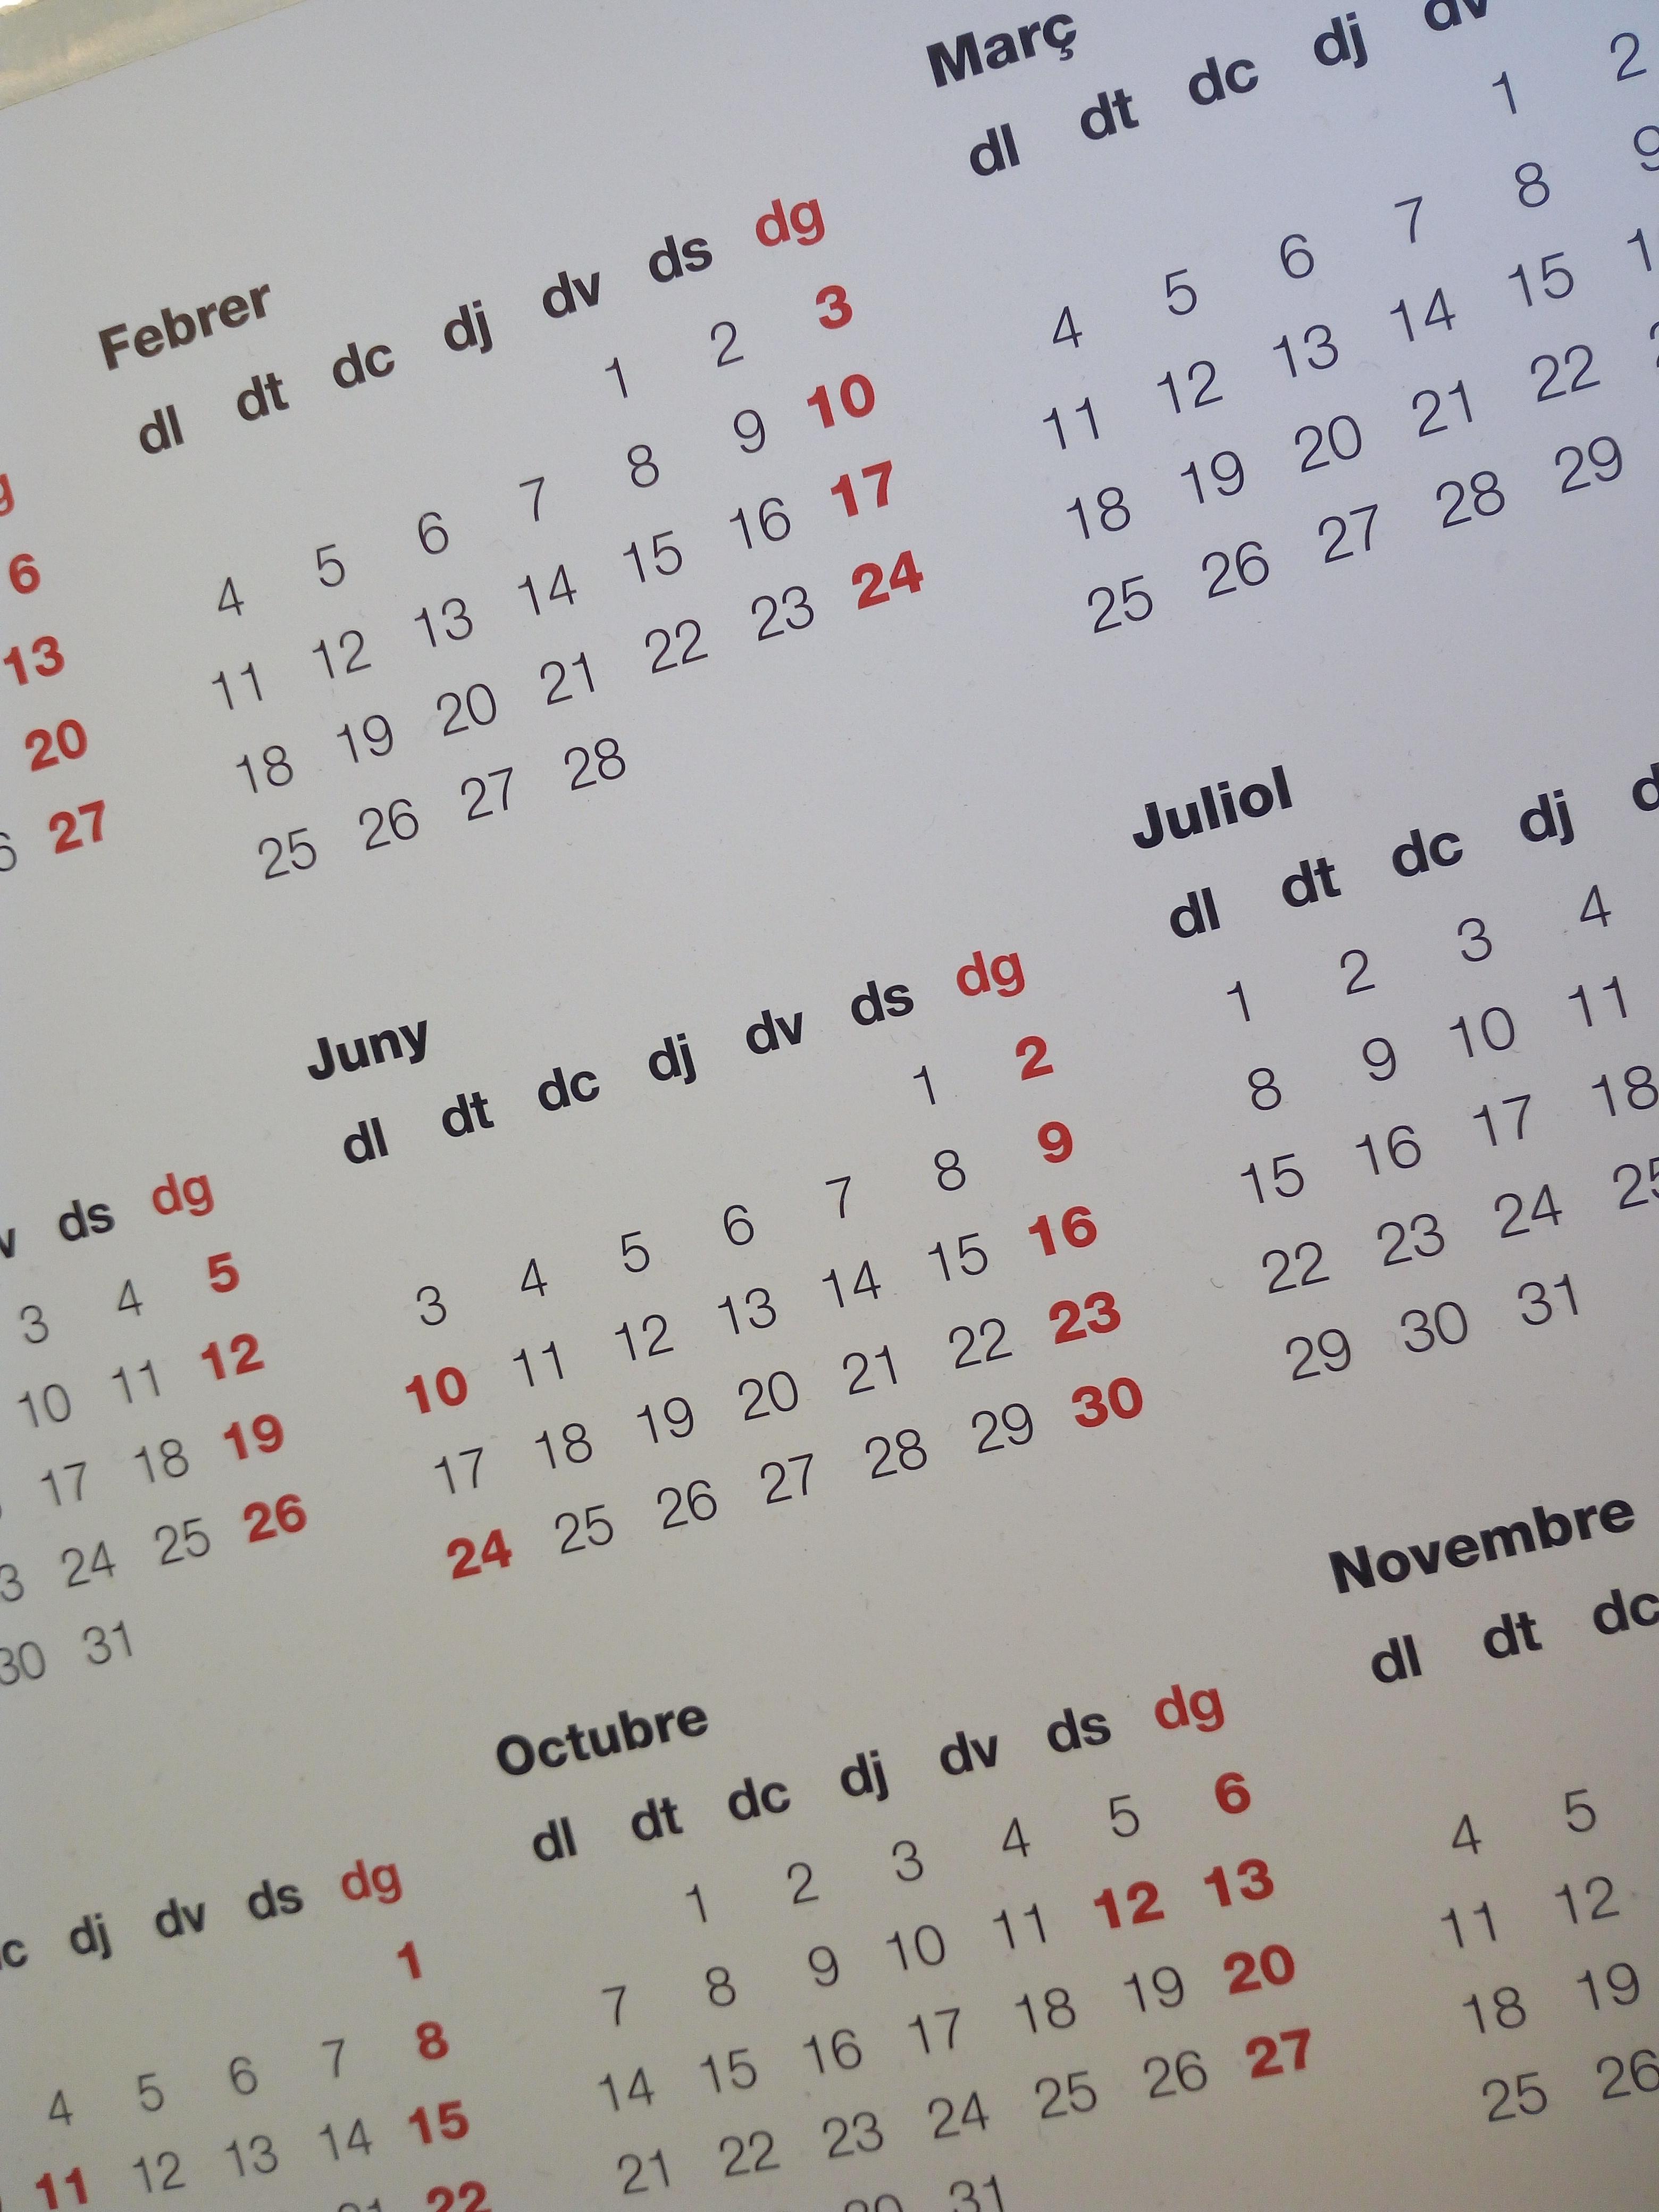 Calendario Laboral Barcelona 2020.Fiestas Laborales 2020 Gremi De Calefaccio